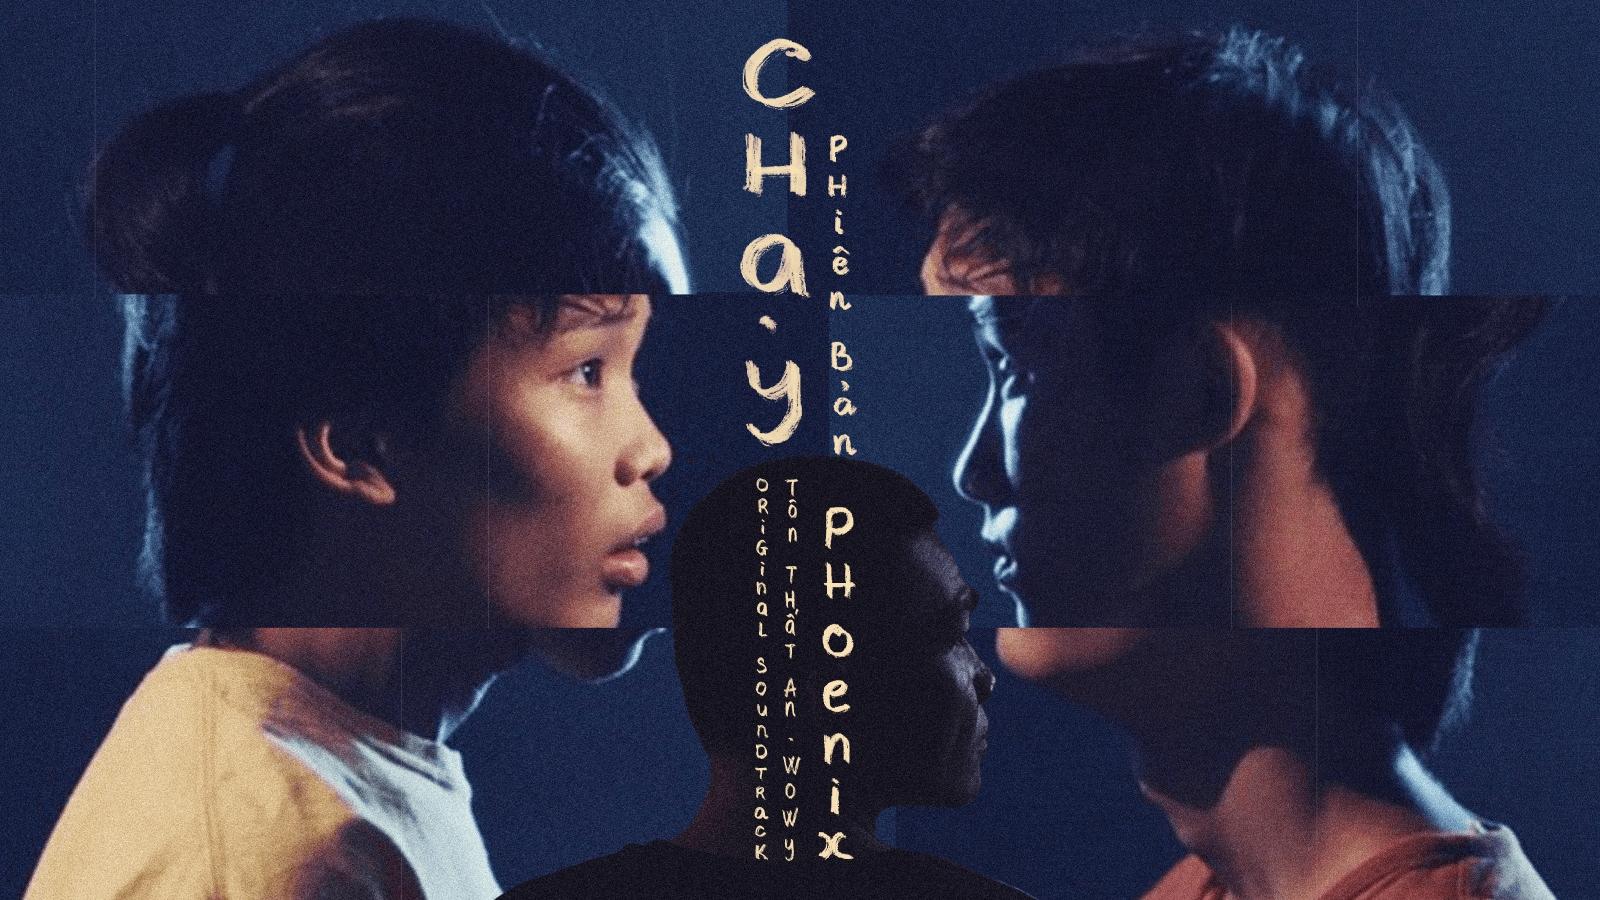 """Wowy bất ngờ chuyển sang """"đọc thơ"""" trong MV """"Chạy"""" phiên bản phượng hoàng"""